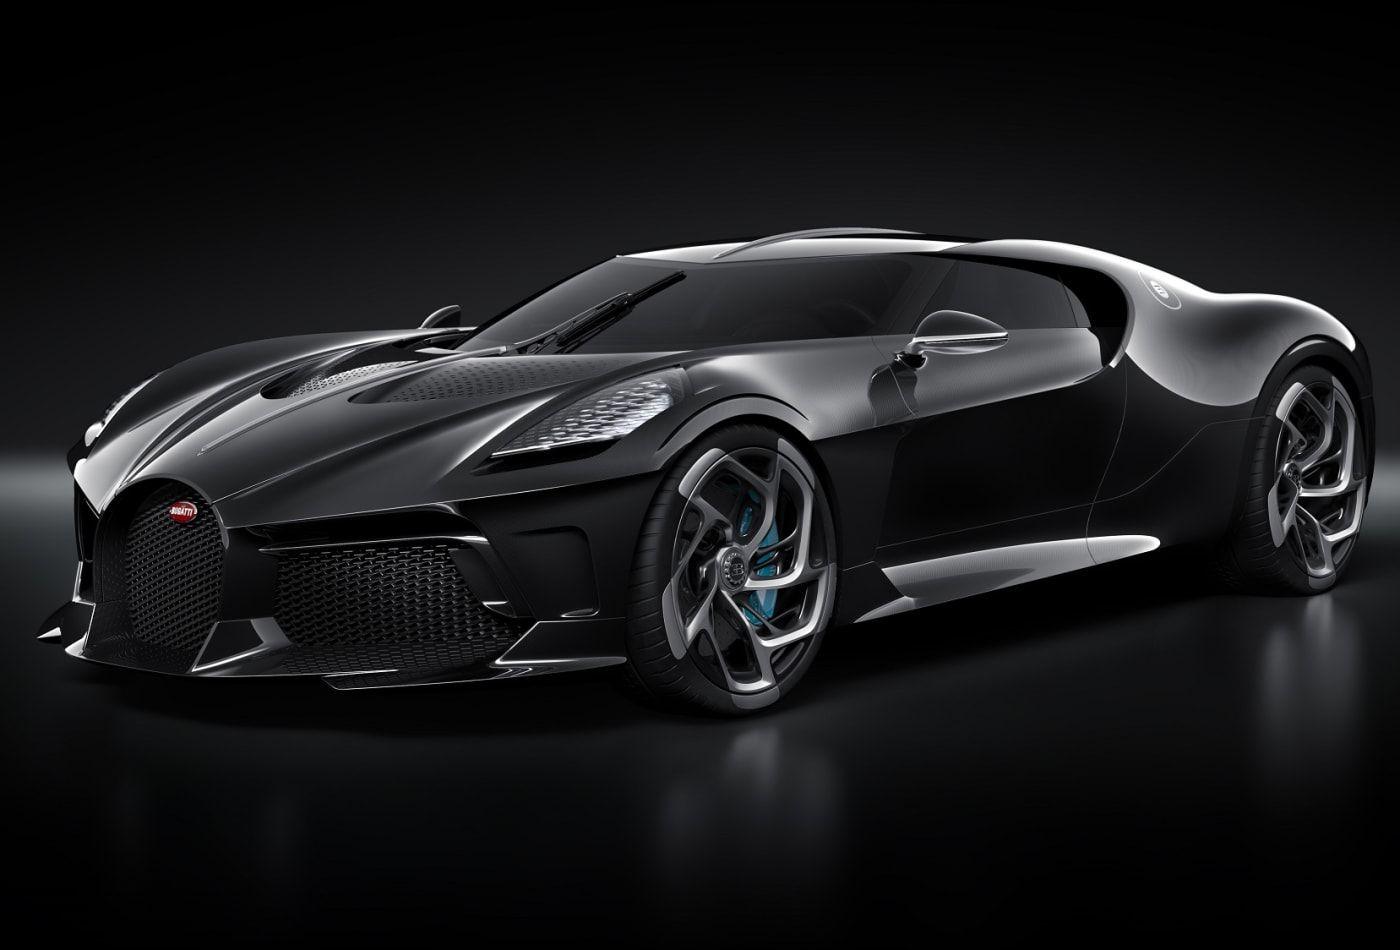 Bugatti Chiron Noire 2020 Wallpapers - Wallpaper Cave